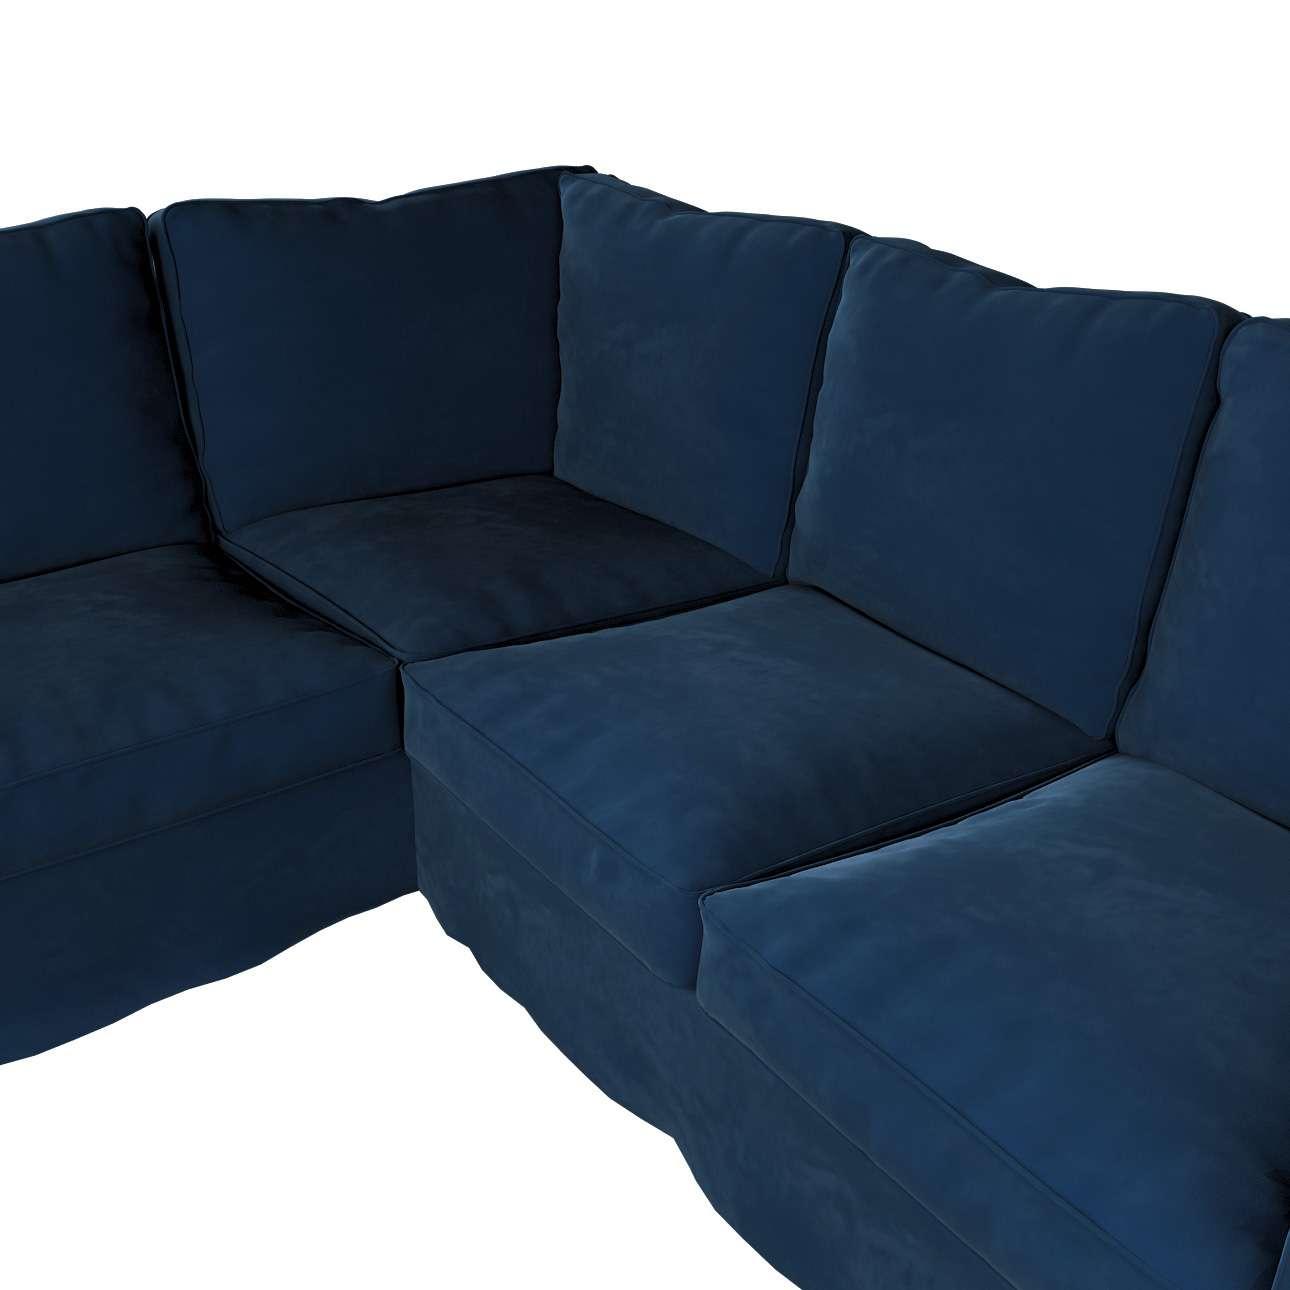 Pokrowiec na sofę narożną Ektorp w kolekcji Velvet, tkanina: 704-29